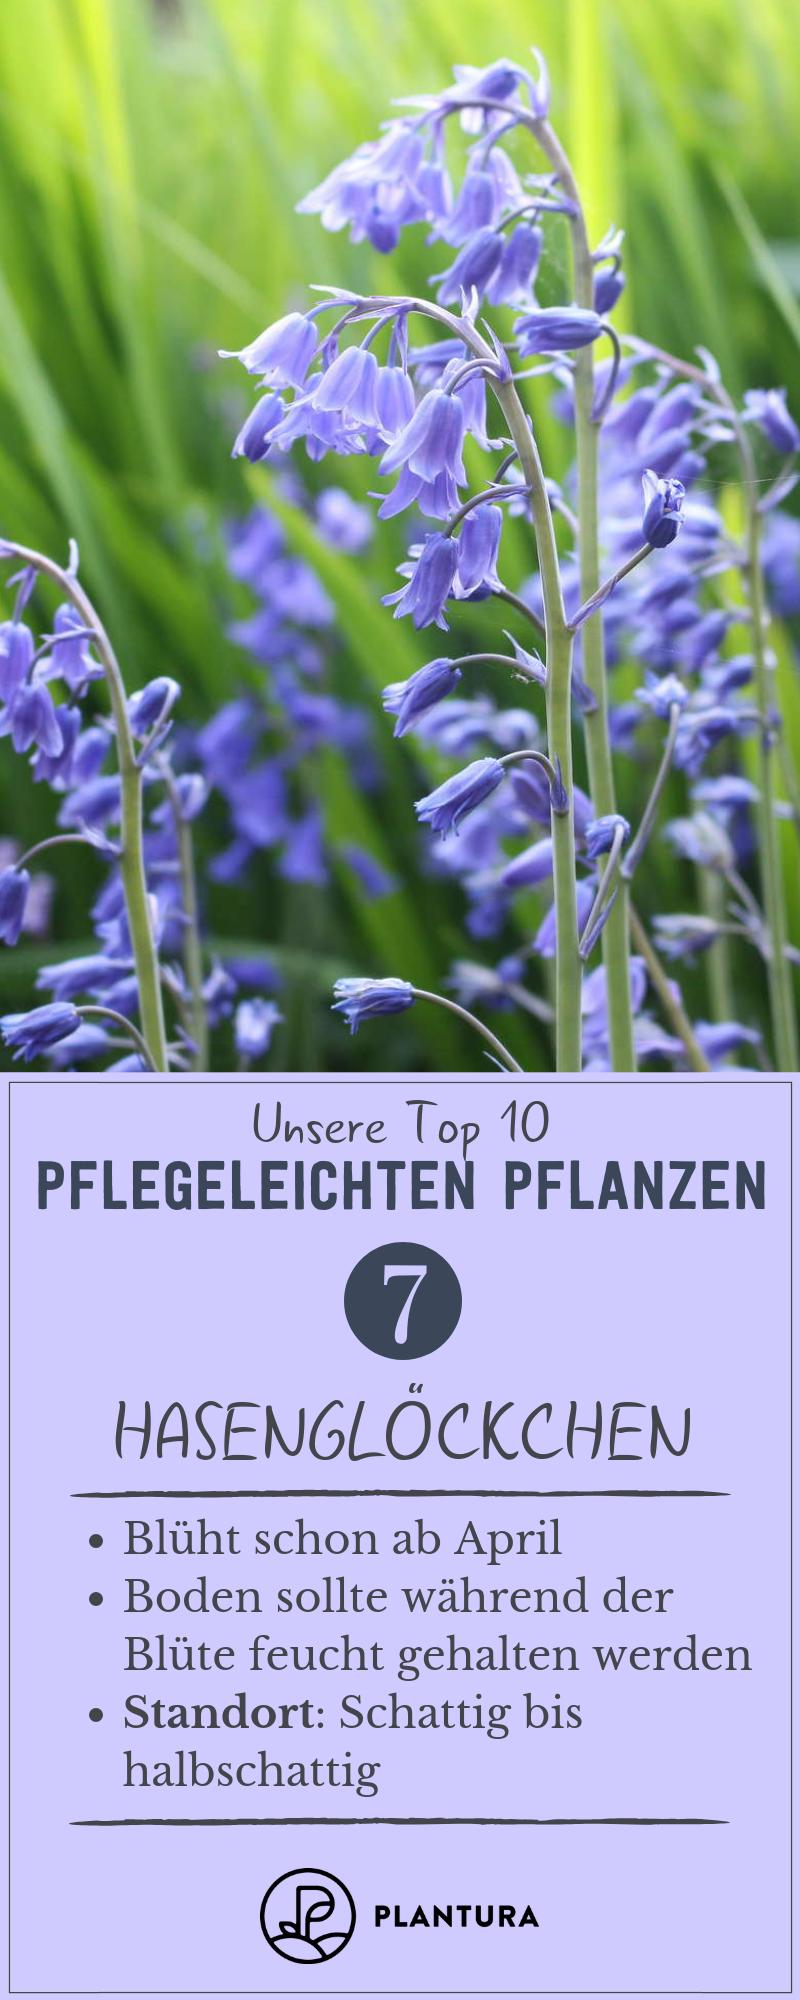 Pflegeleichte Gartenpflanzen: Die Top 10 für draußen - Plantura